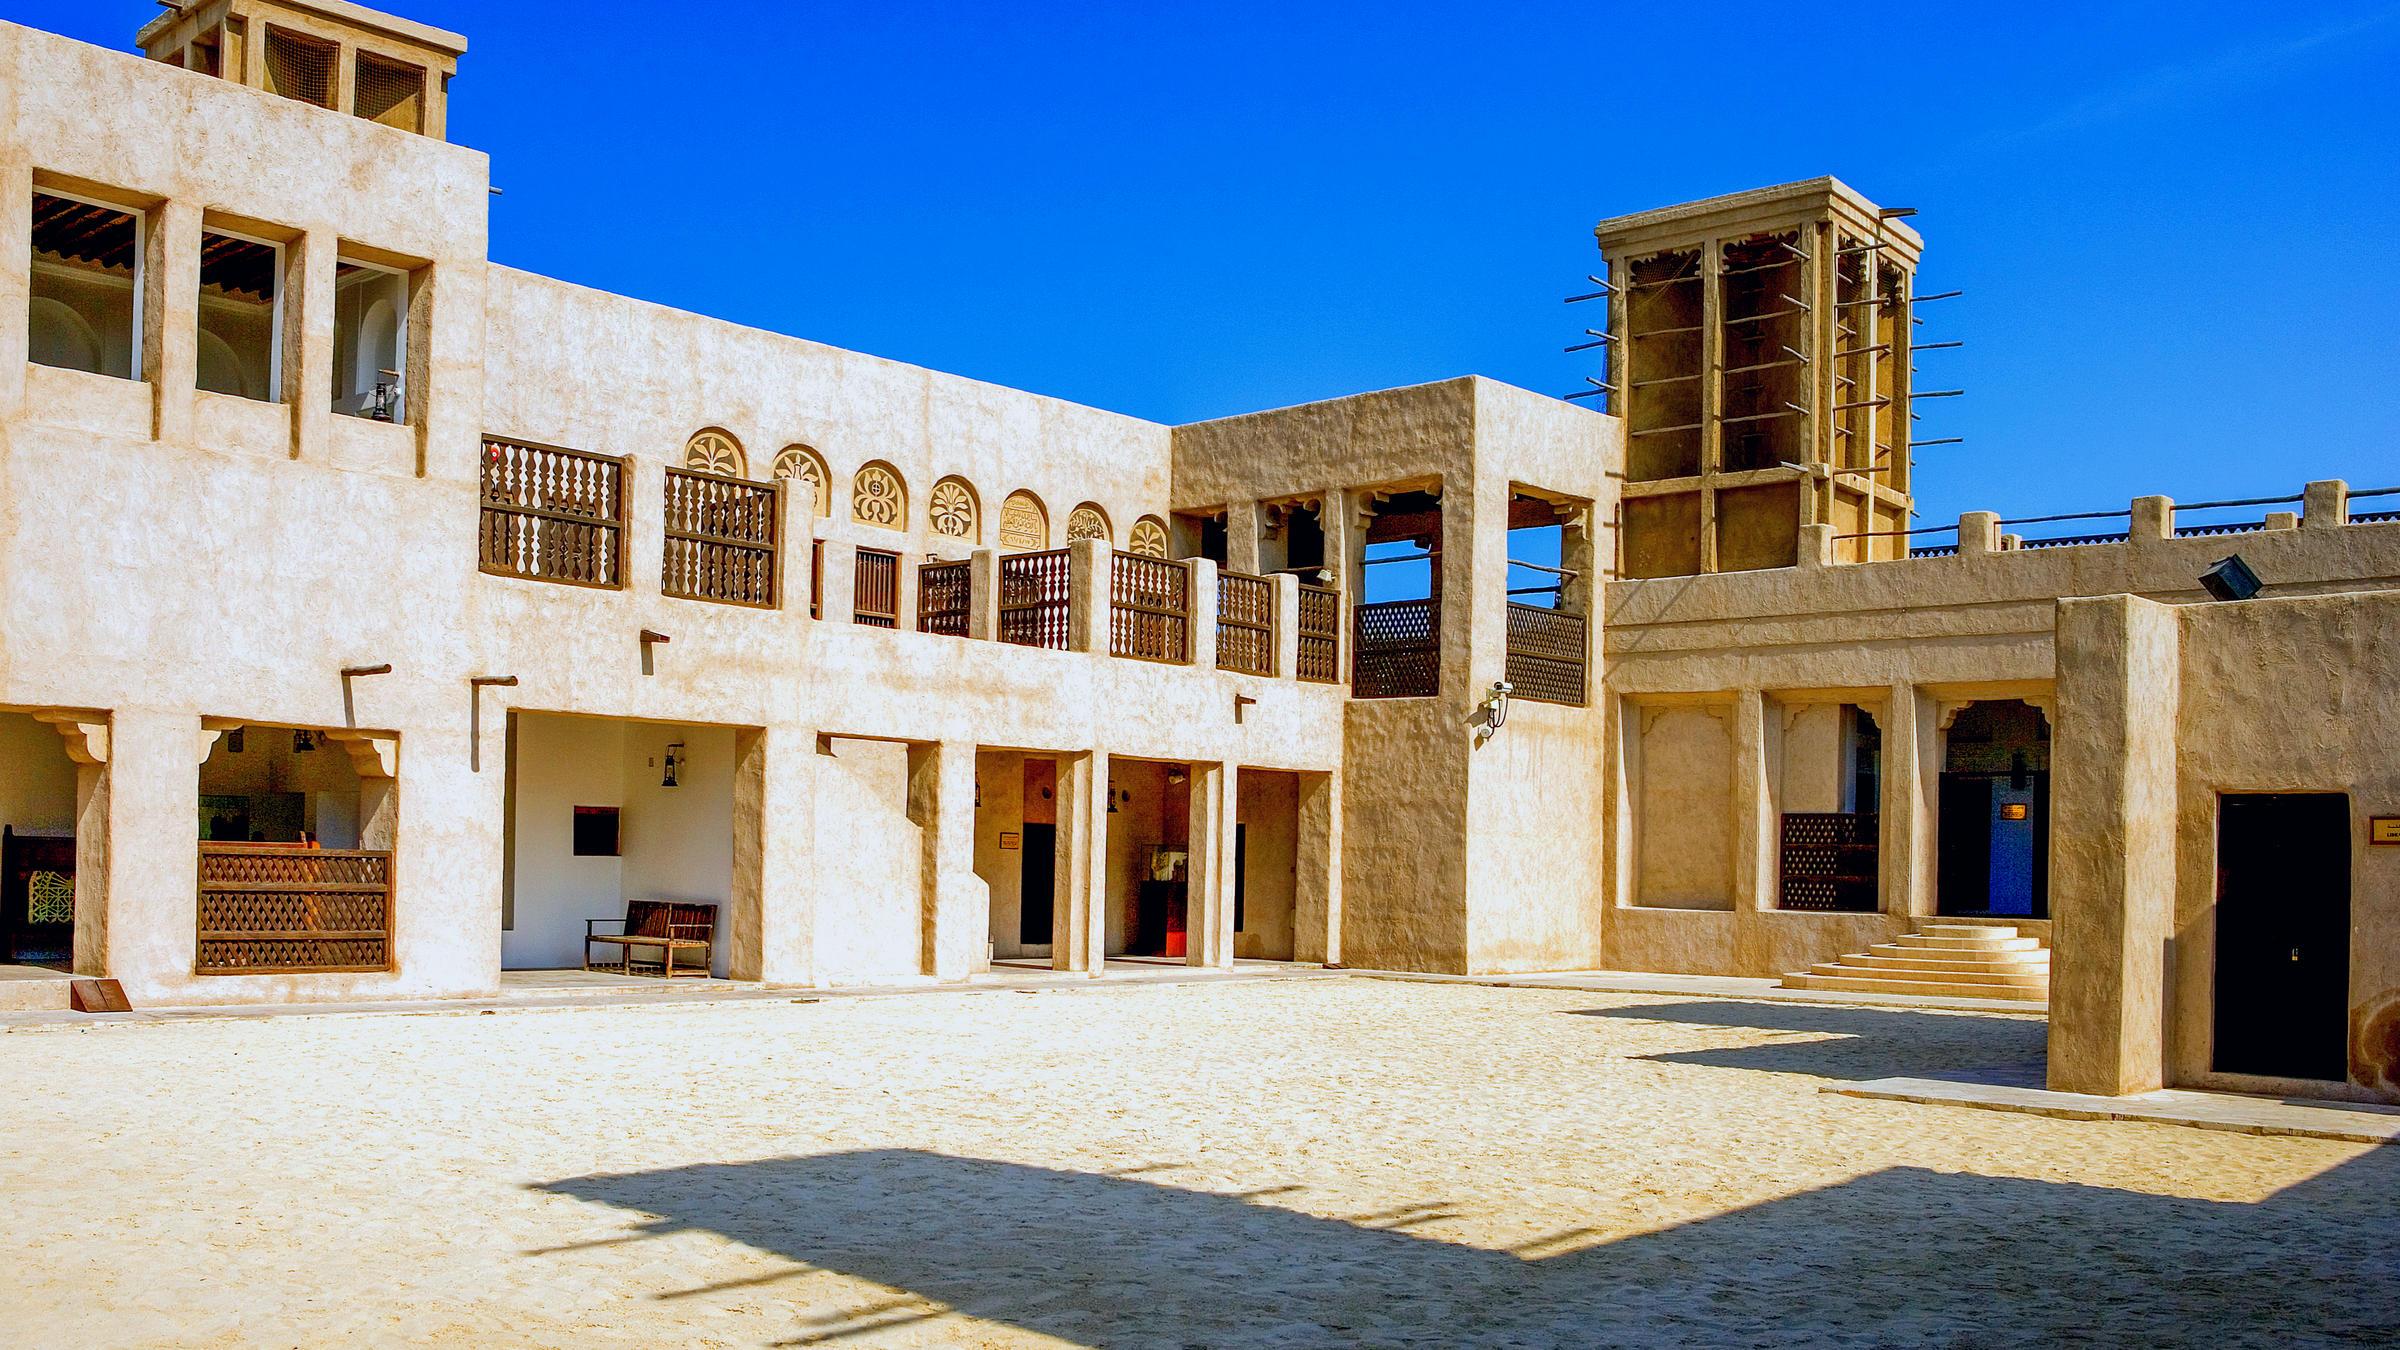 Фото дома шейха дубай eid fitr dubai